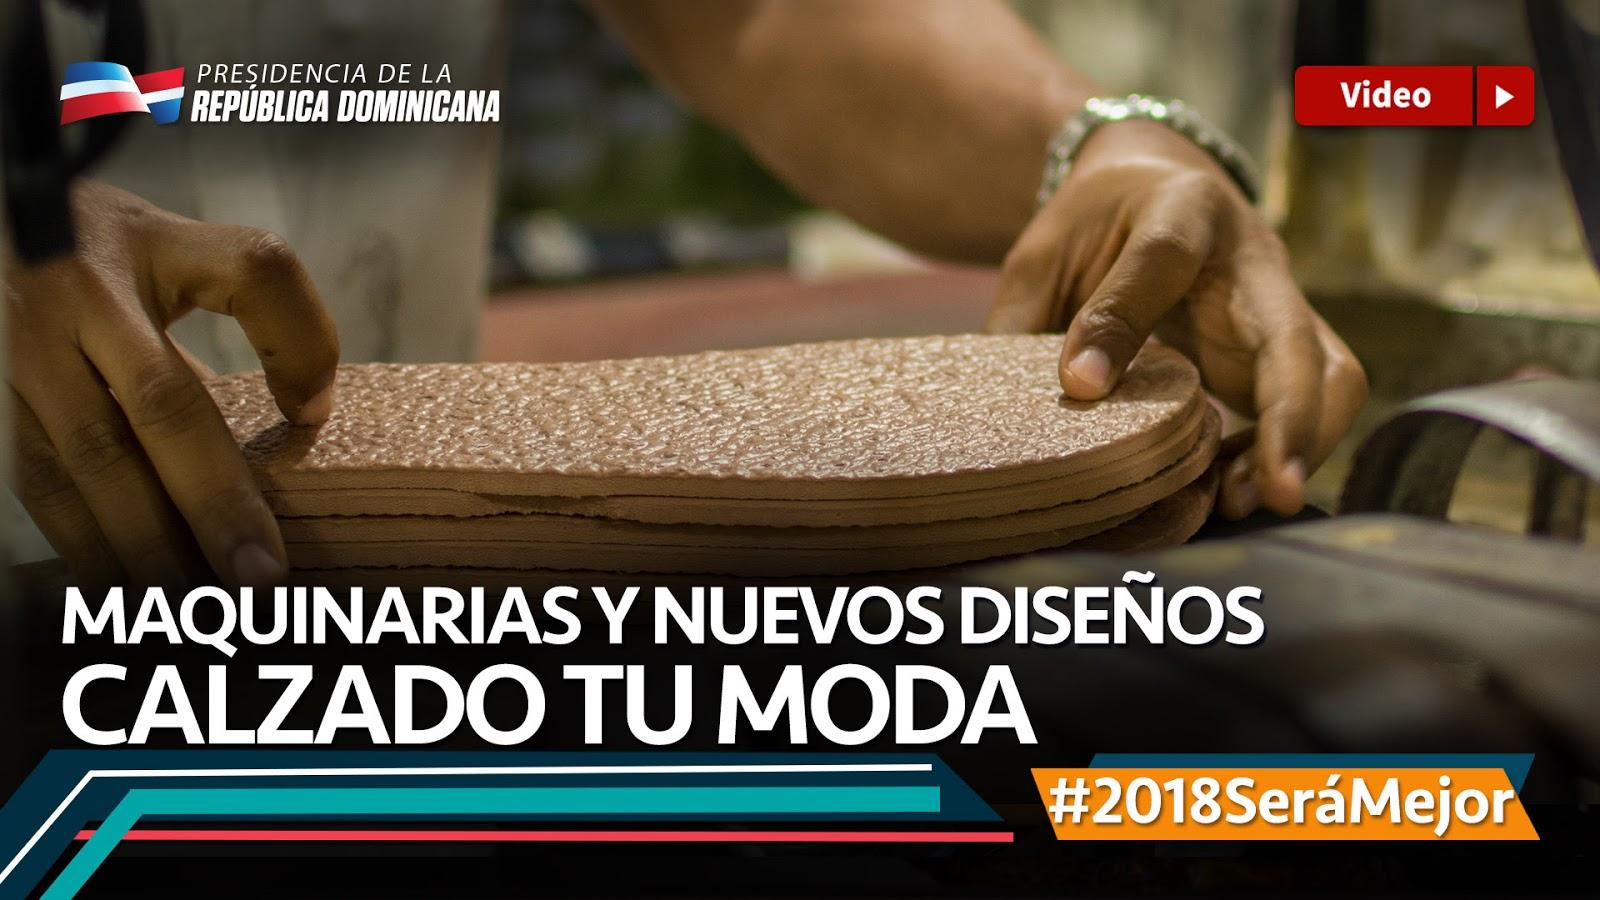 VIDEO: Maquinarias y nuevos diseños. CalzadoTu Moda #2018SeráMejor